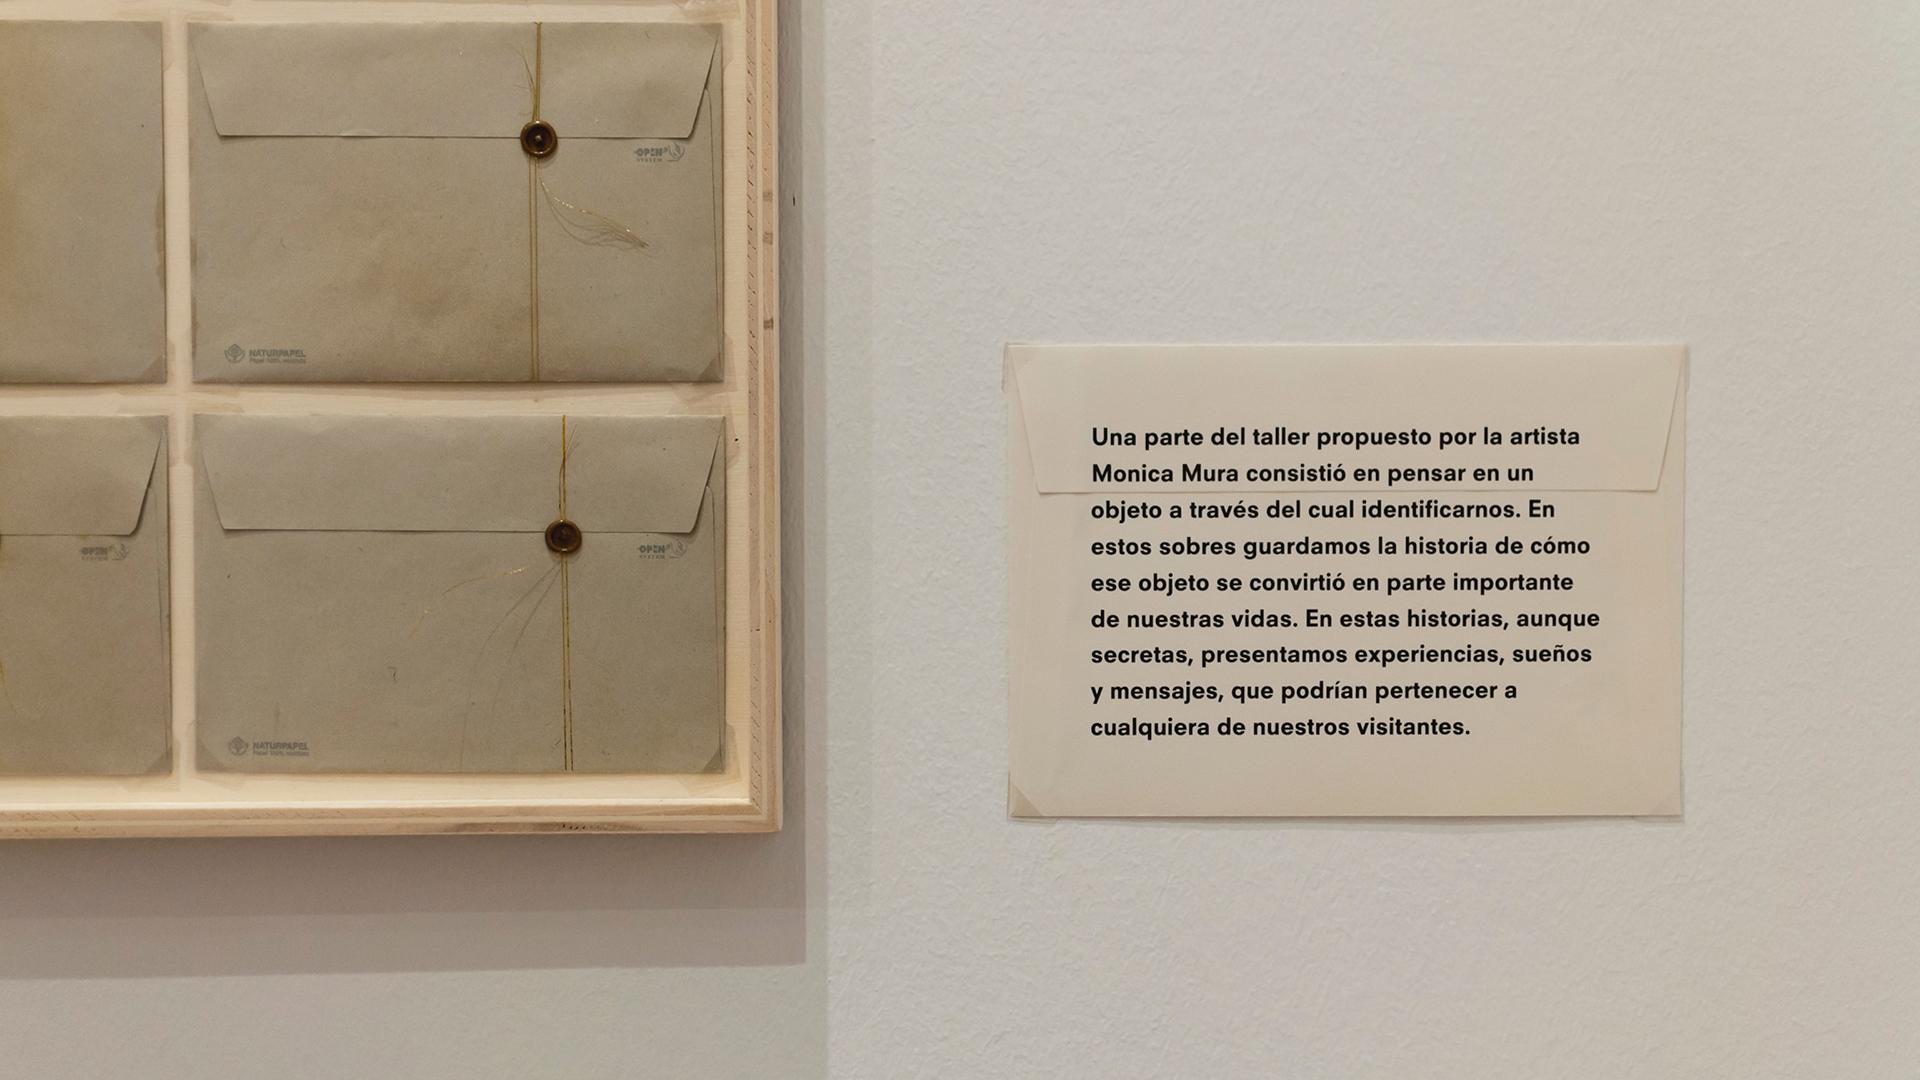 SLIDE-1920X1080-20170223-El_Espacio_de_la_memoria-Museo_Thyssen-MonicaMura©7